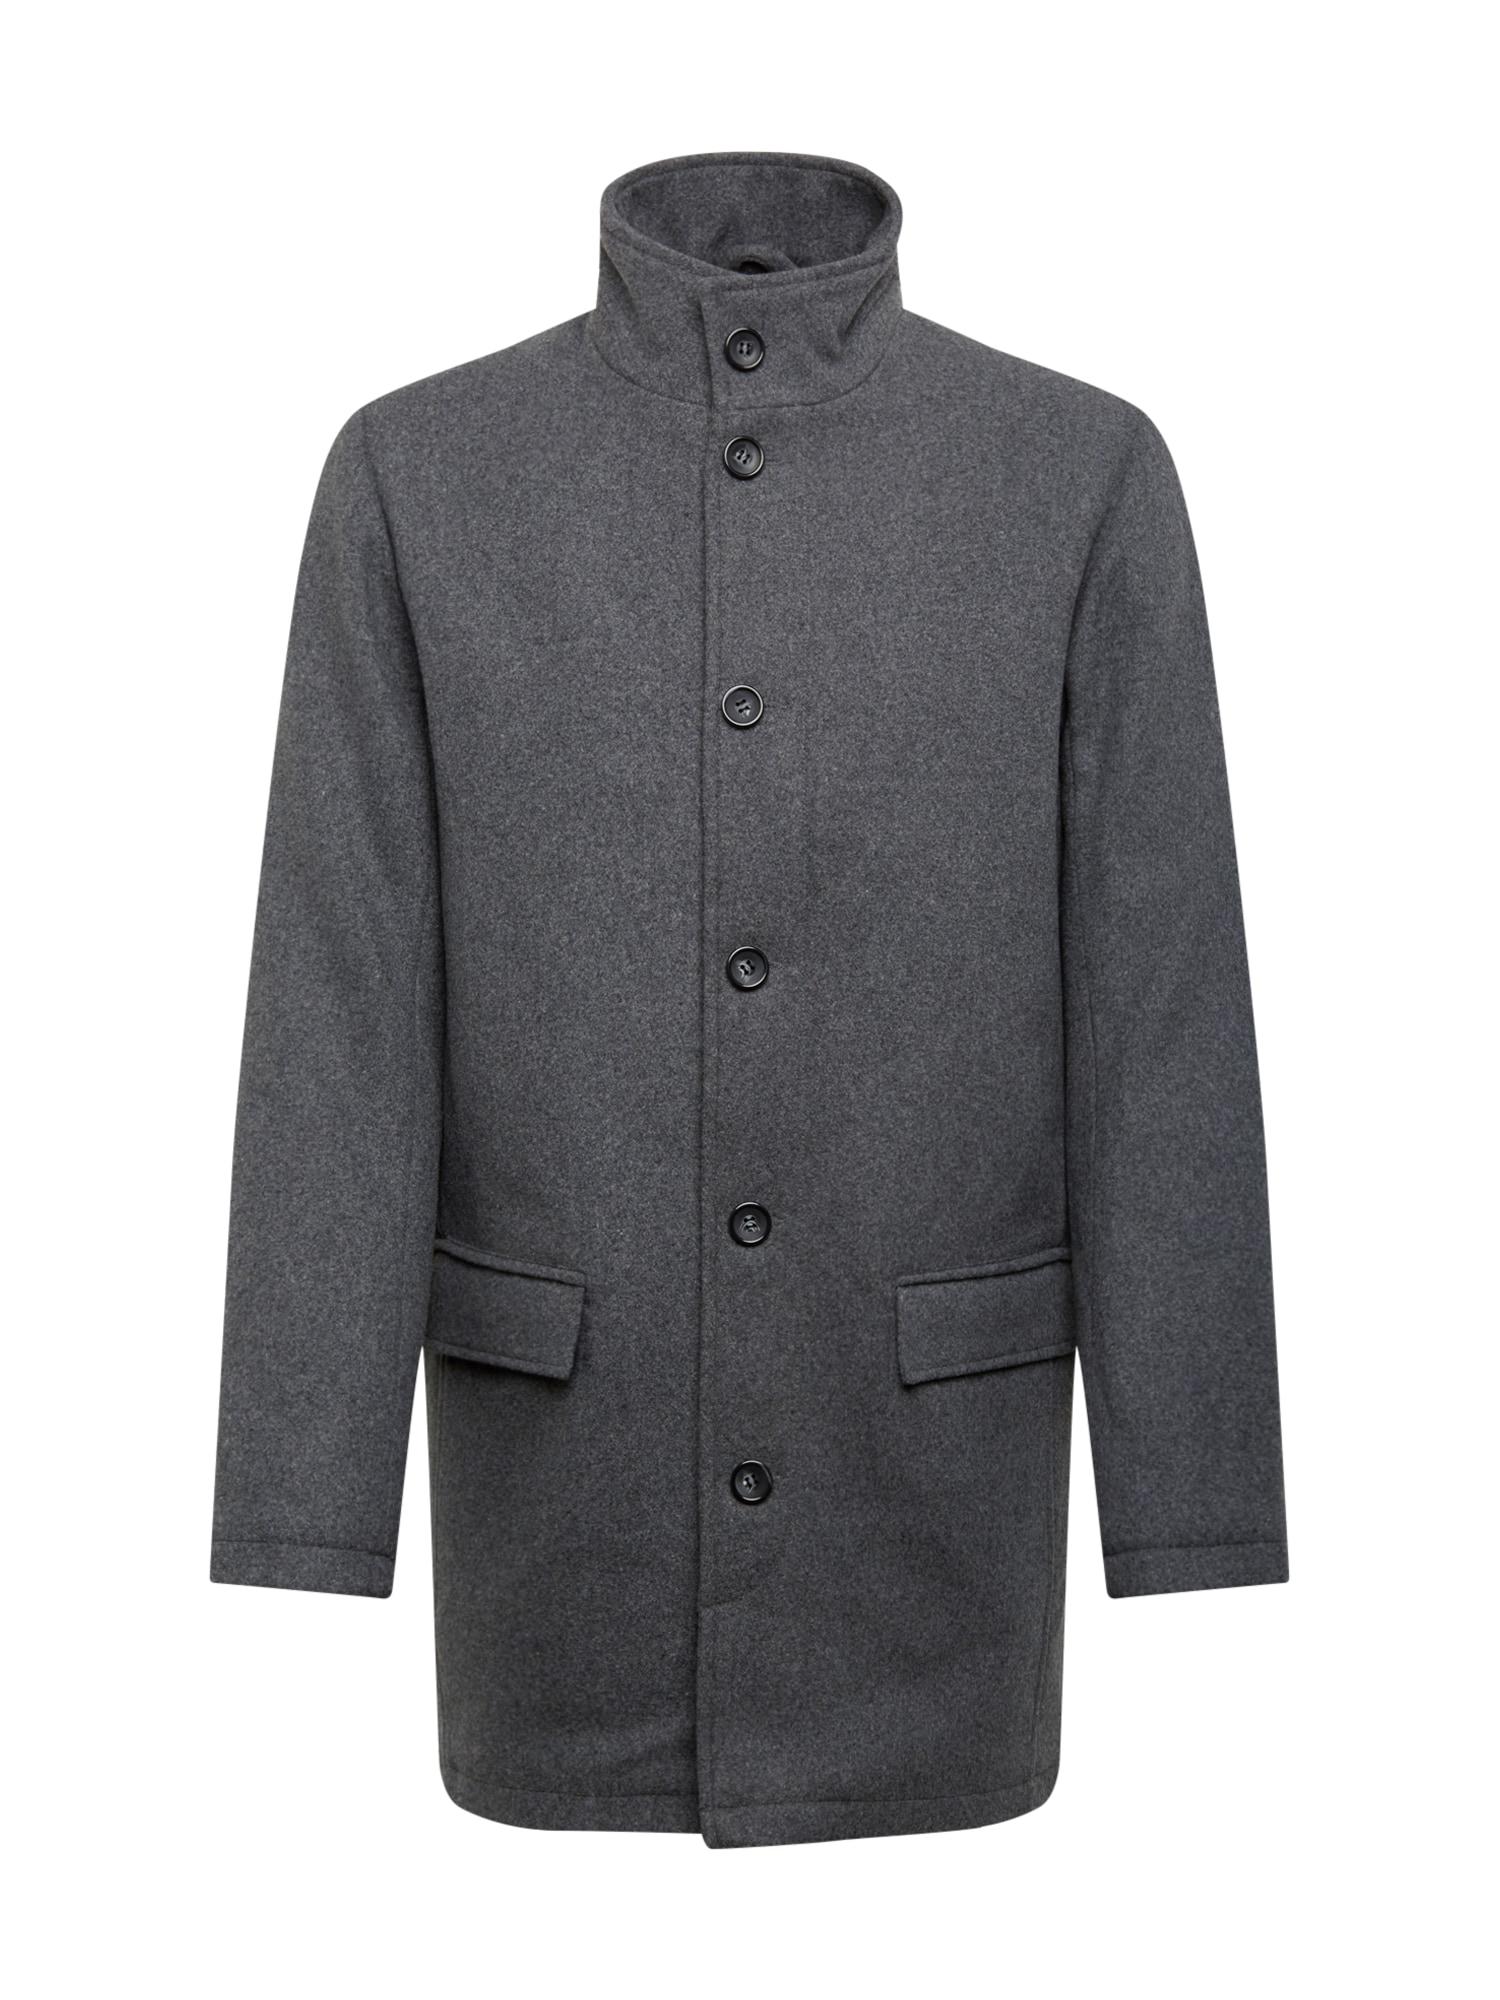 Lindbergh Rudeninis-žieminis paltas tamsiai pilka